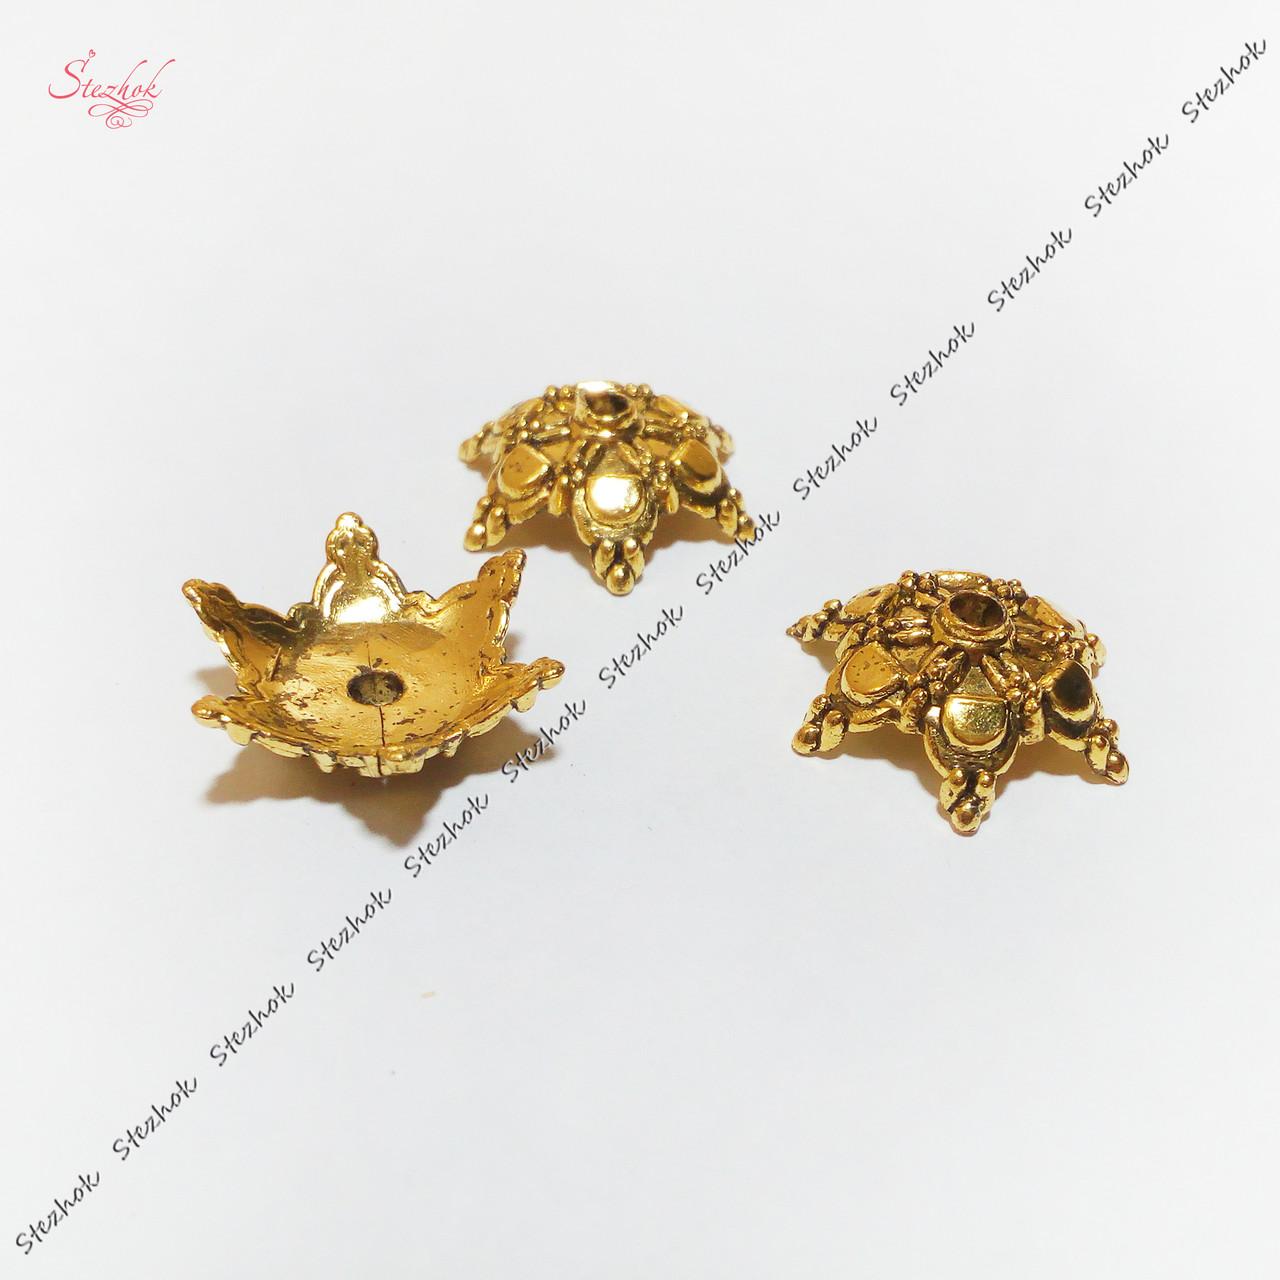 Акриловые шапочки для бусин 18 мм античное золото для рукоделия